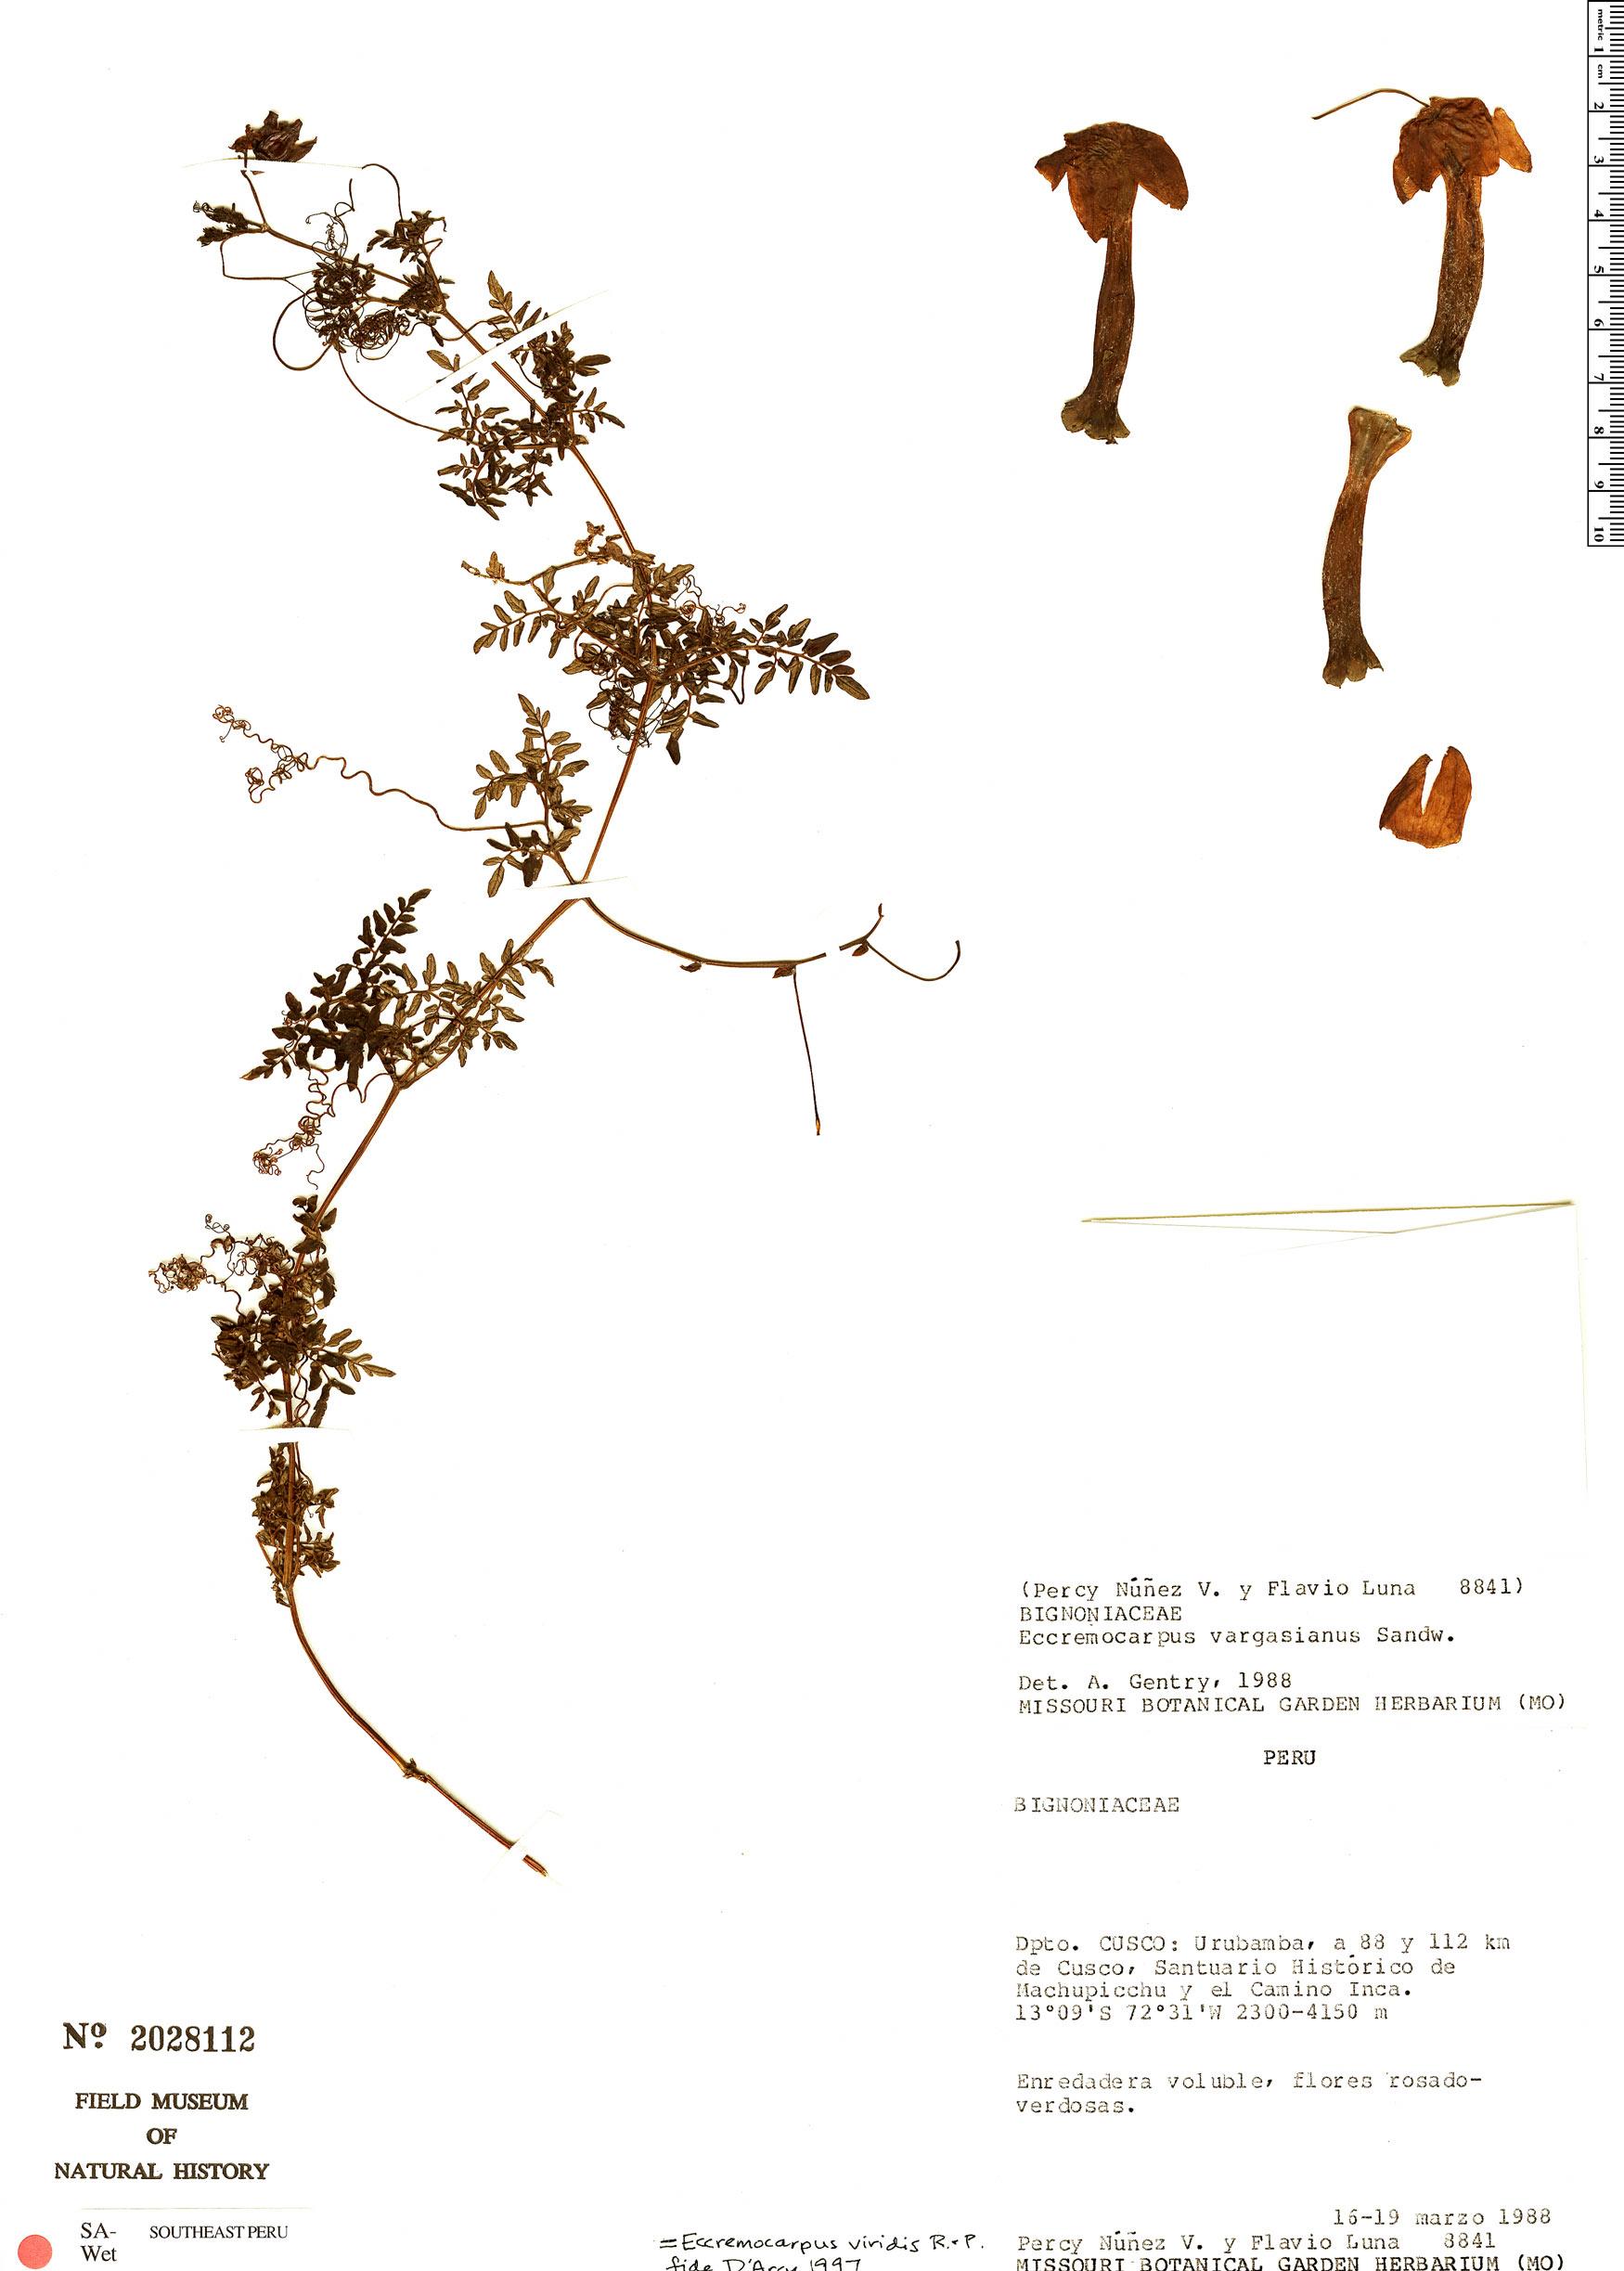 Specimen: Eccremocarpus viridis